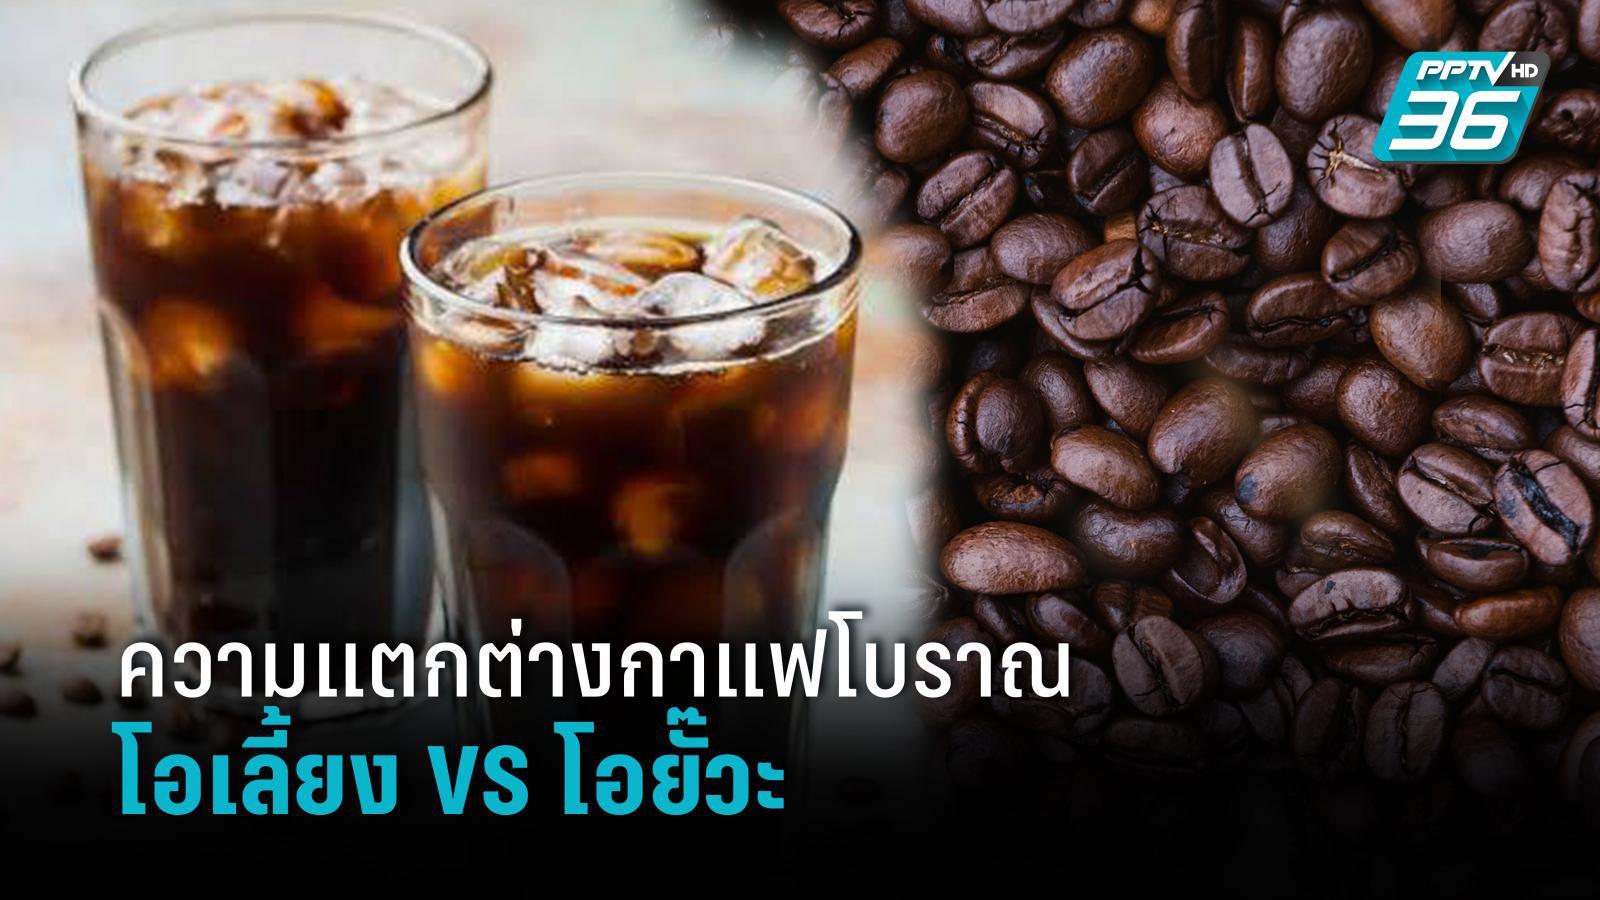 ไขปริศนา? ทำไมกาแฟโบราณถึงมีชื่อเรียกไม่เหมือนกัน